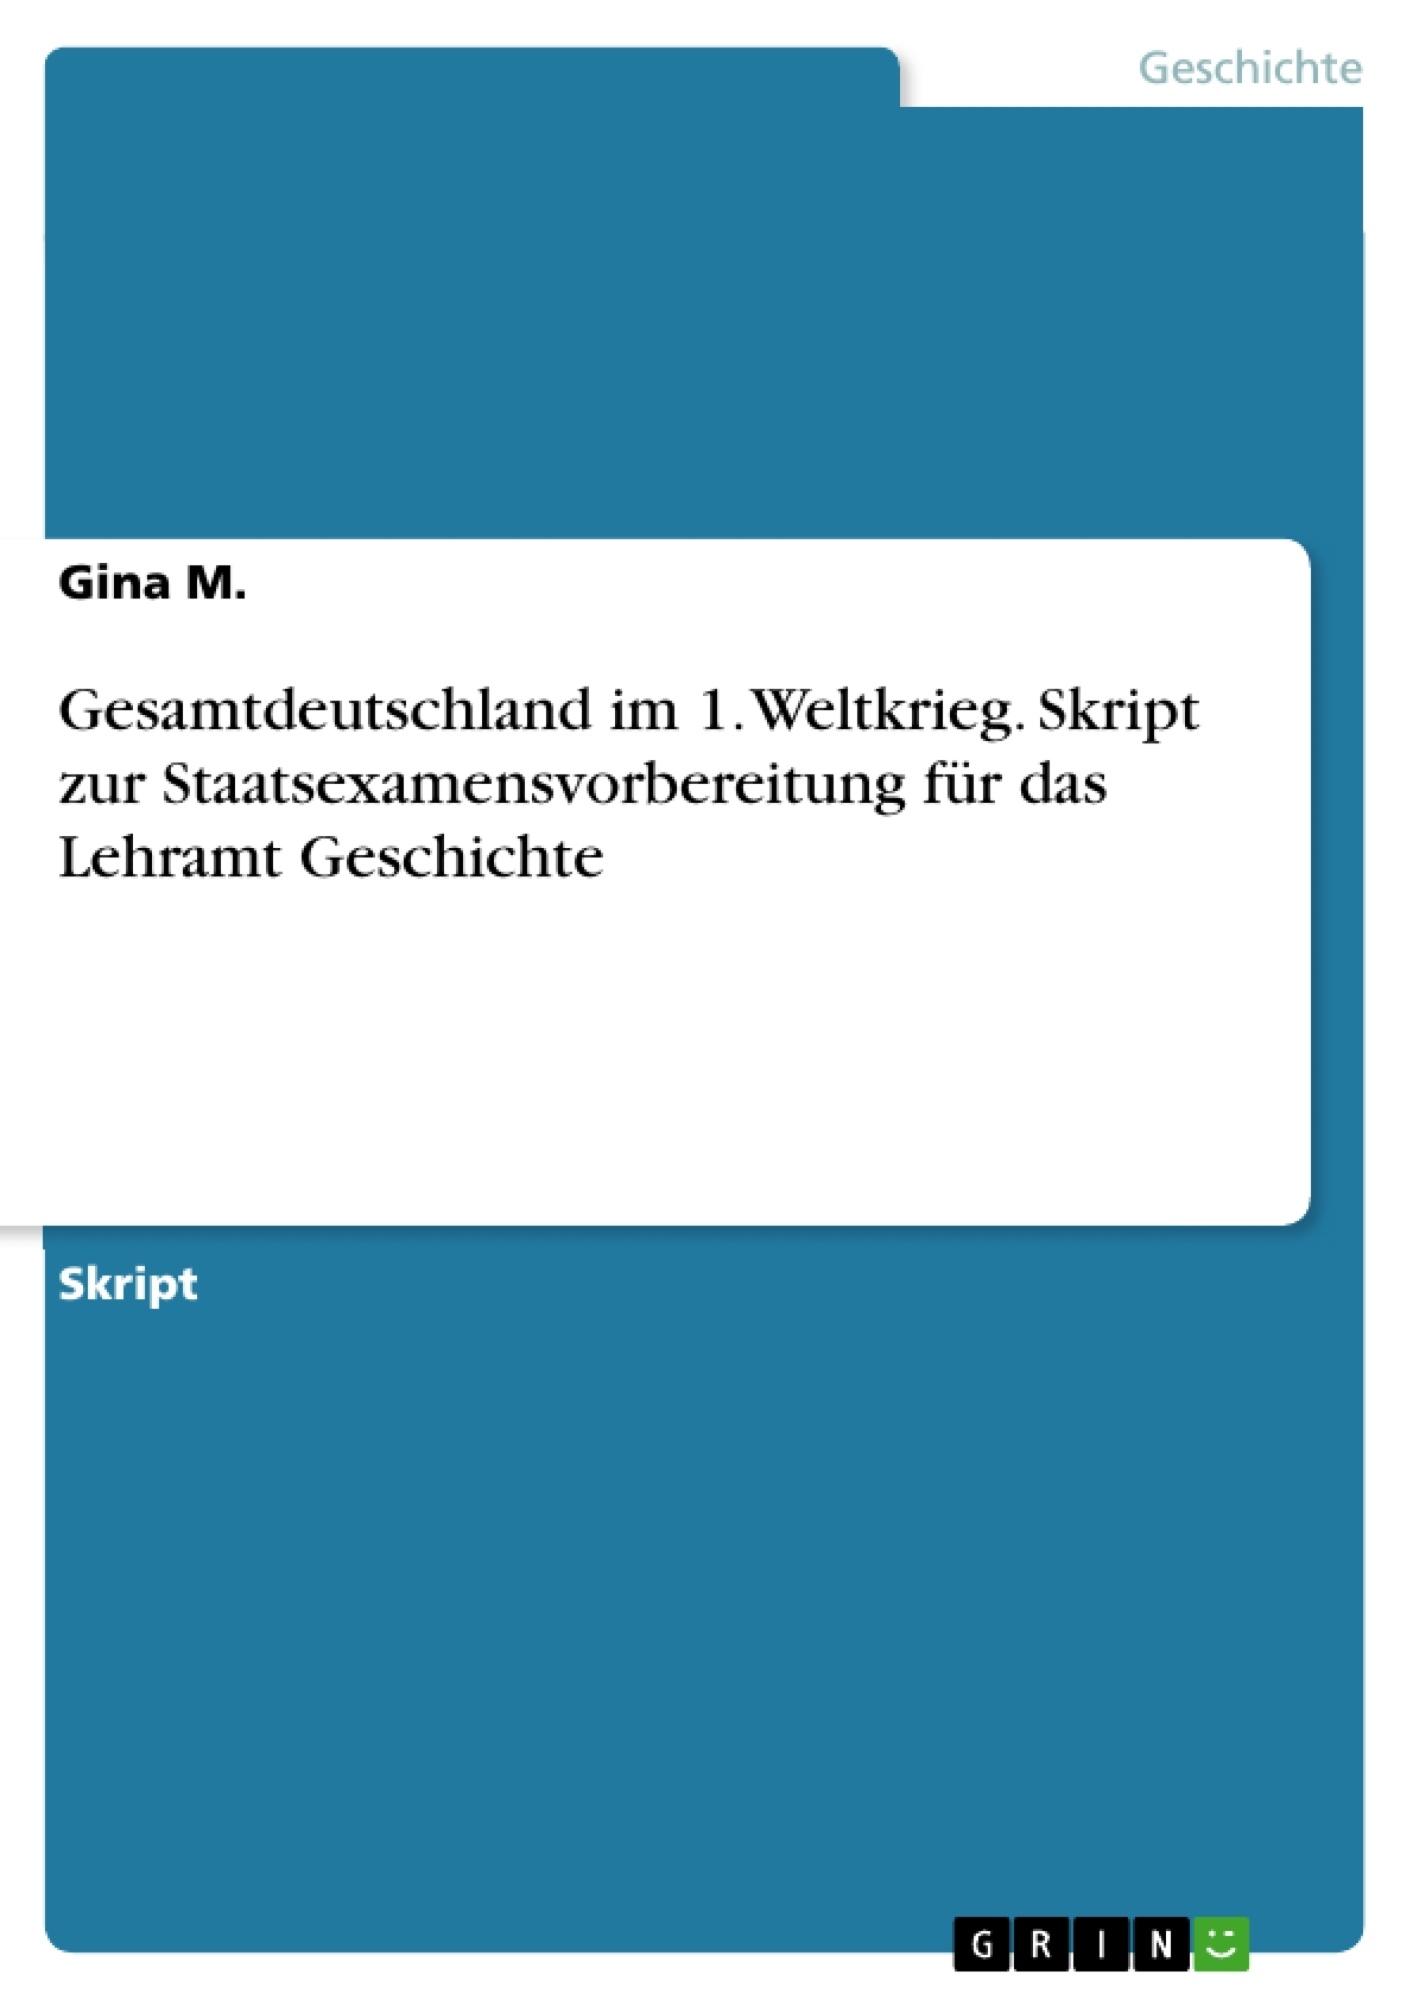 Titel: Gesamtdeutschland im 1. Weltkrieg. Skript zur Staatsexamensvorbereitung für das Lehramt Geschichte